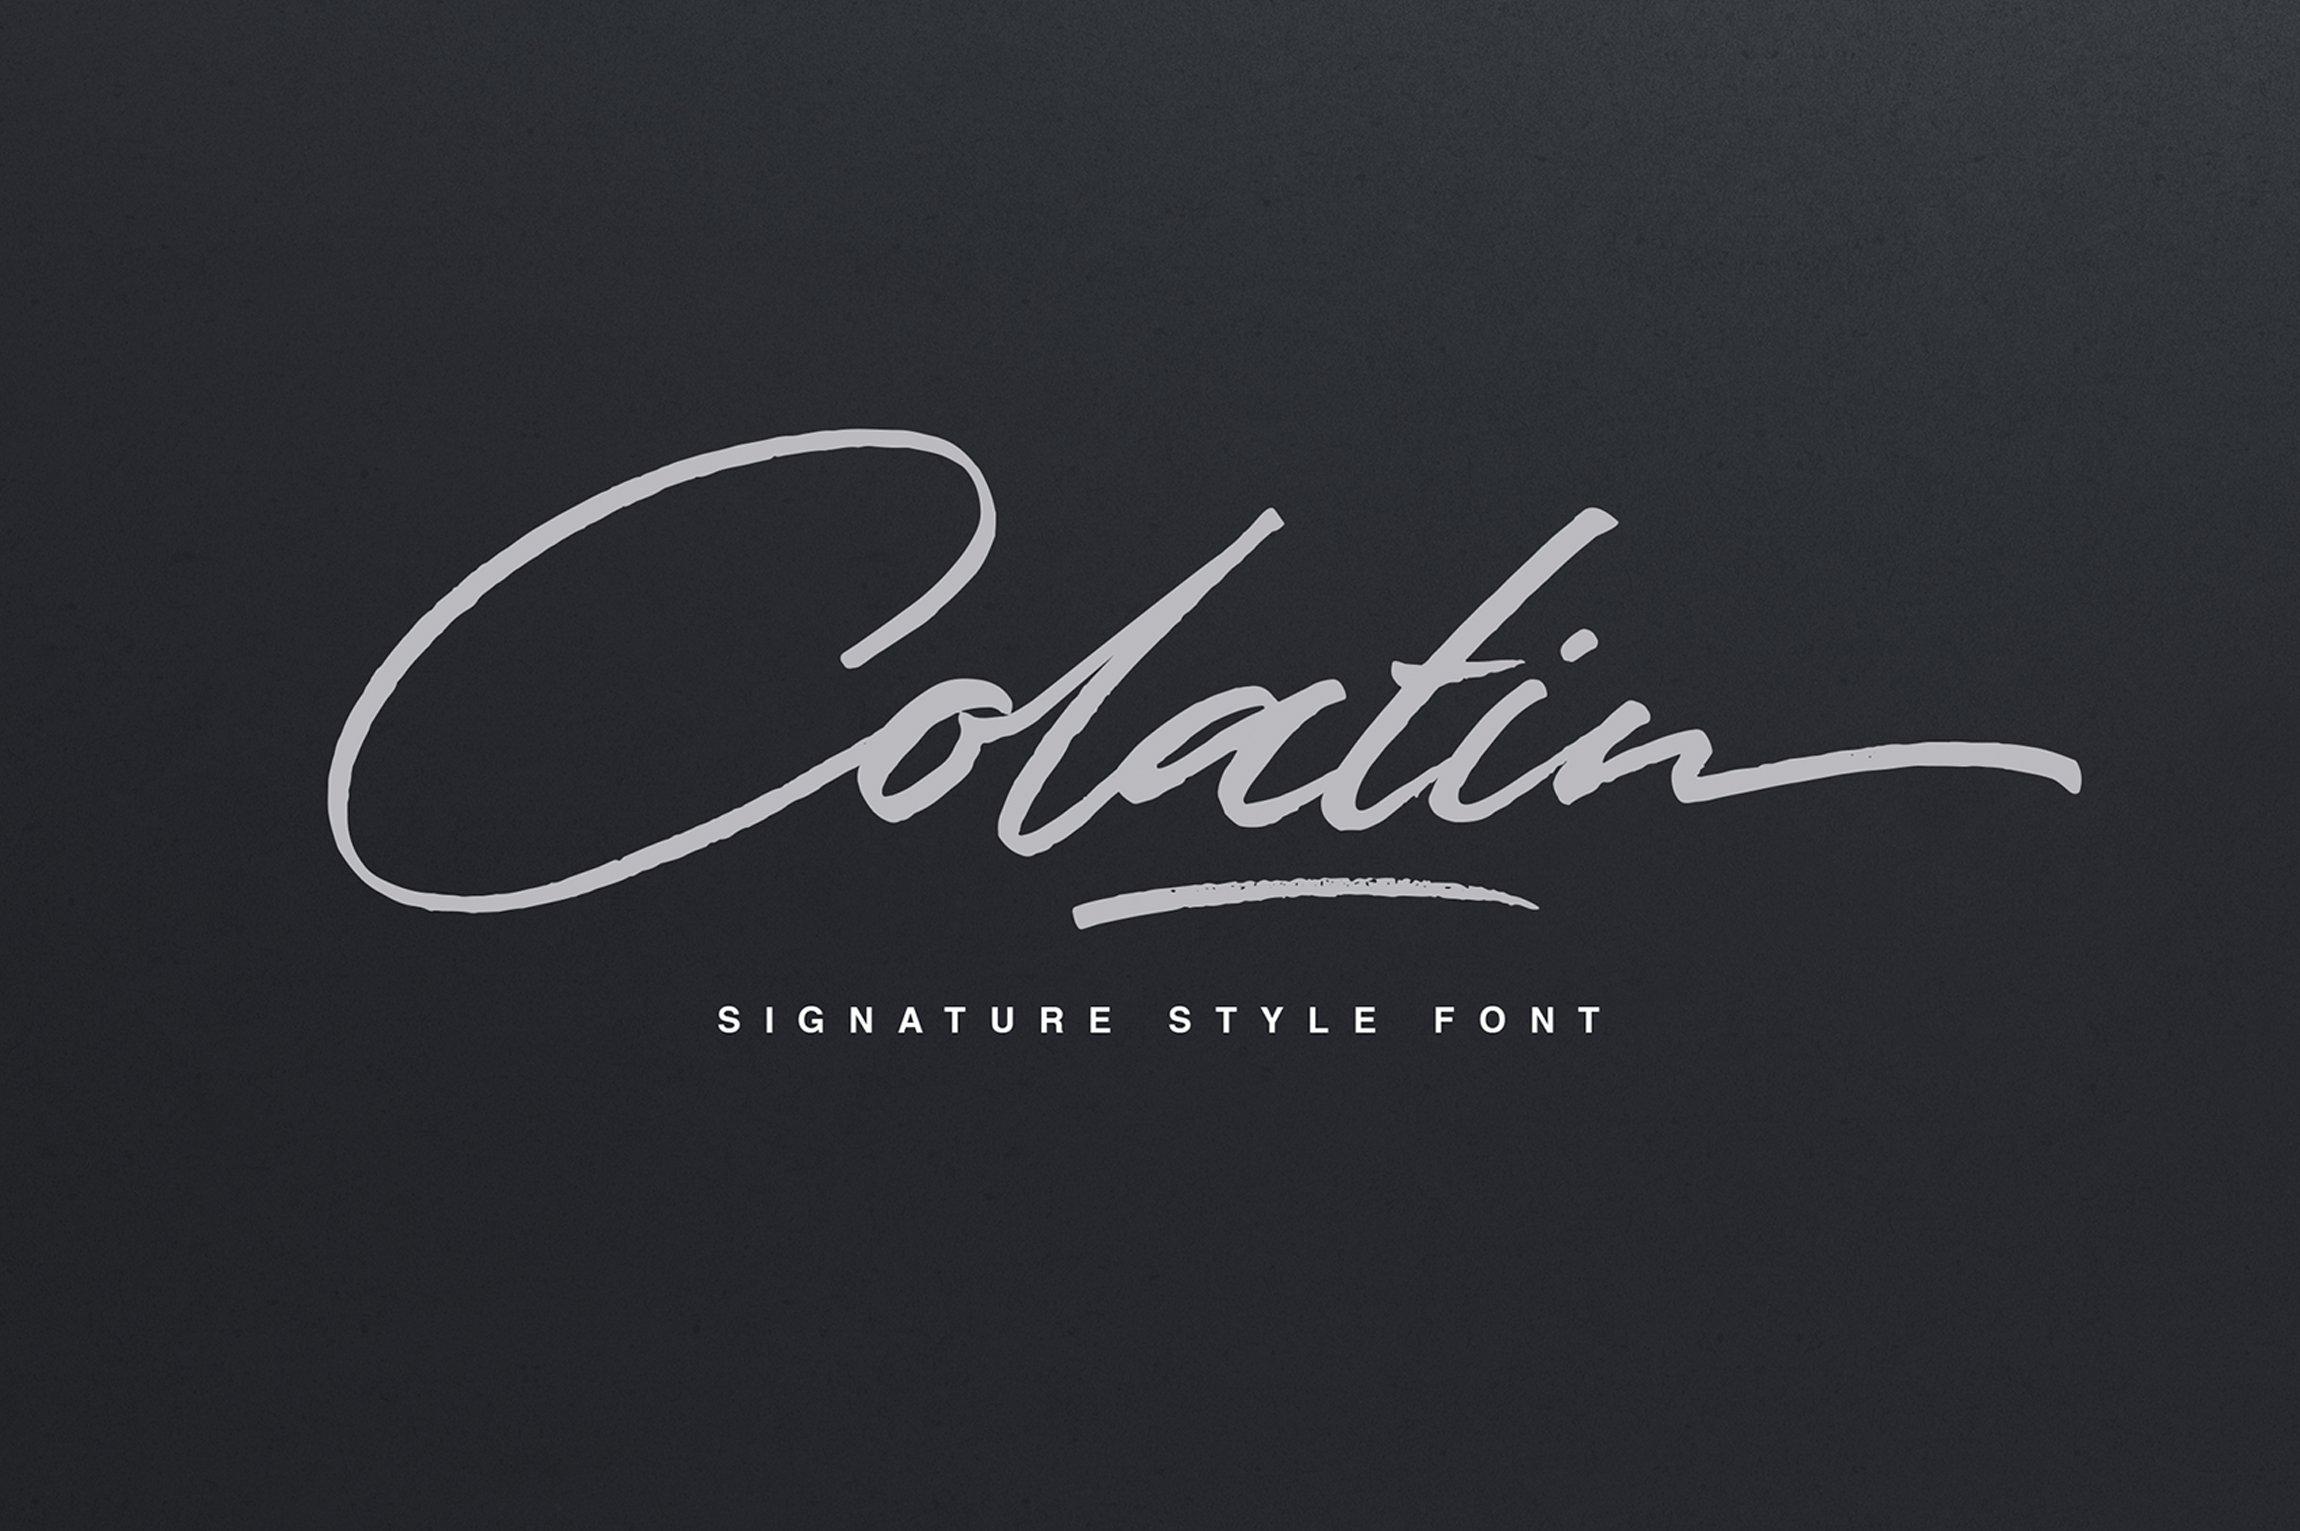 Colatin script fonts creative market